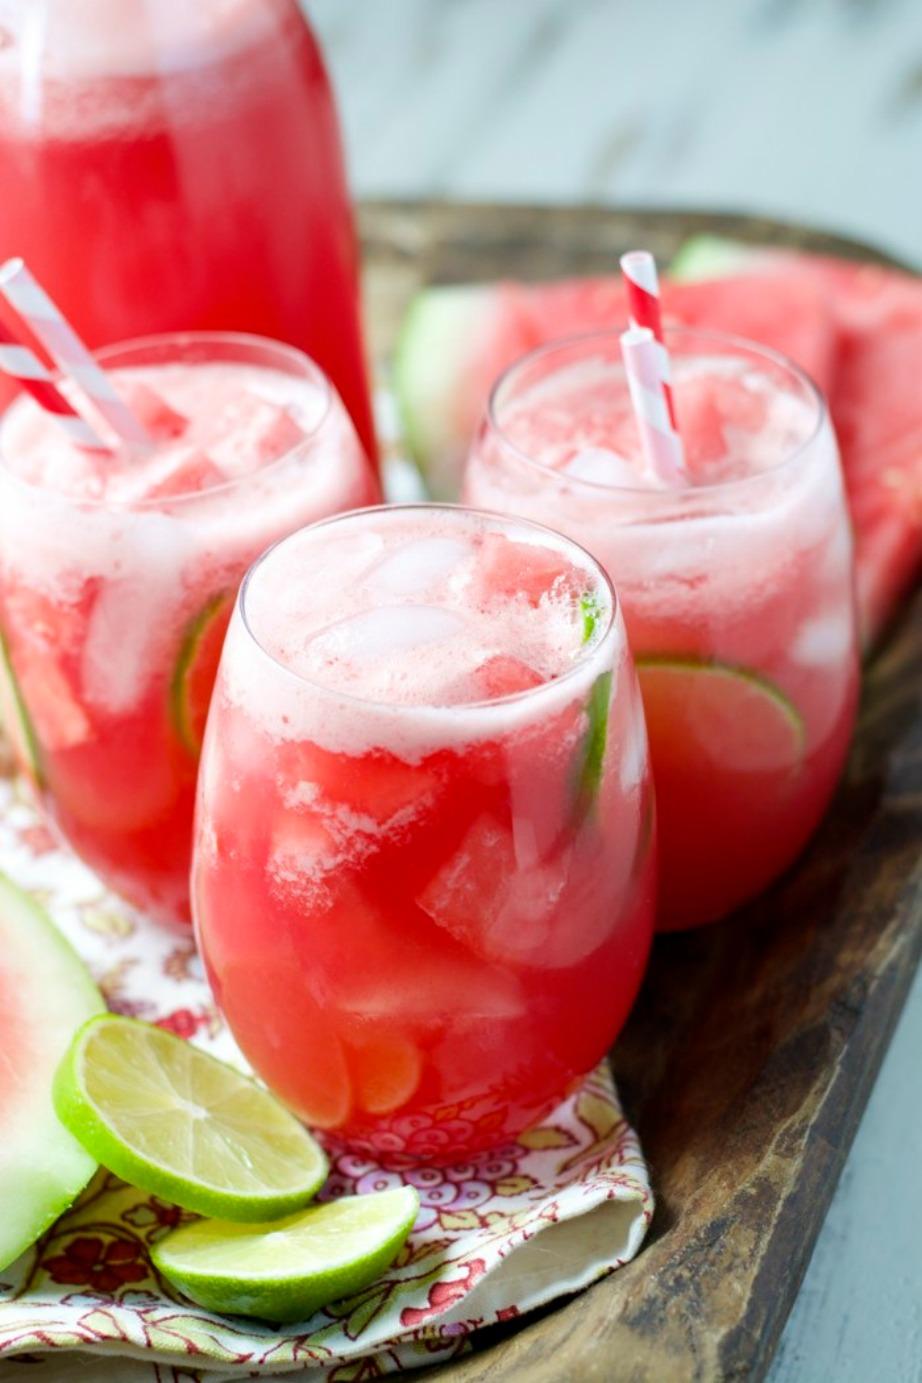 Καρπούζι με χυμό λάιμ, το τέλειος καλοκαιρινός συνδυασμός.